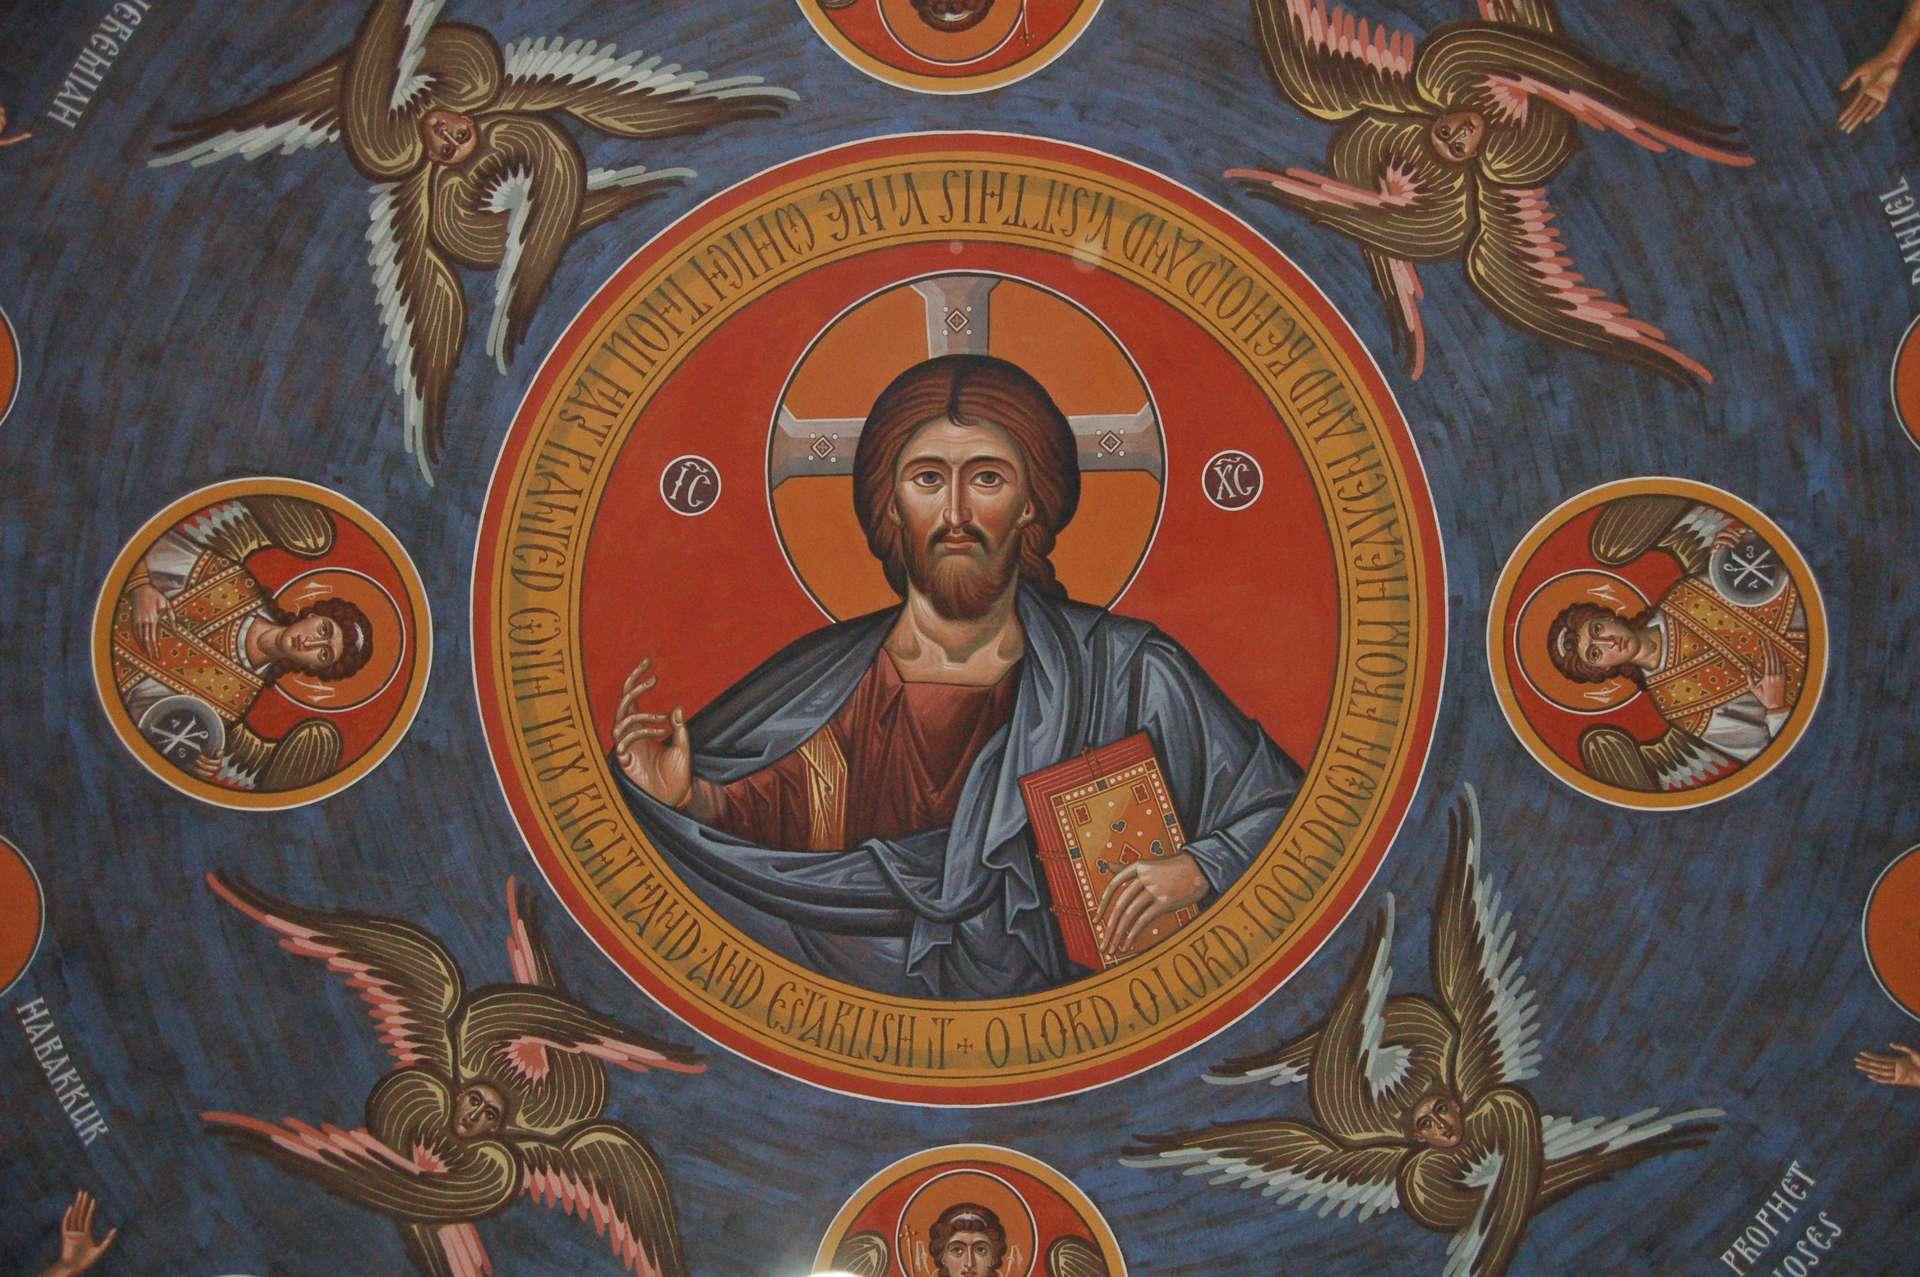 BENEDETTO Xenia di Pietroburgo ortodosso BENEDETTO ICONA laminato